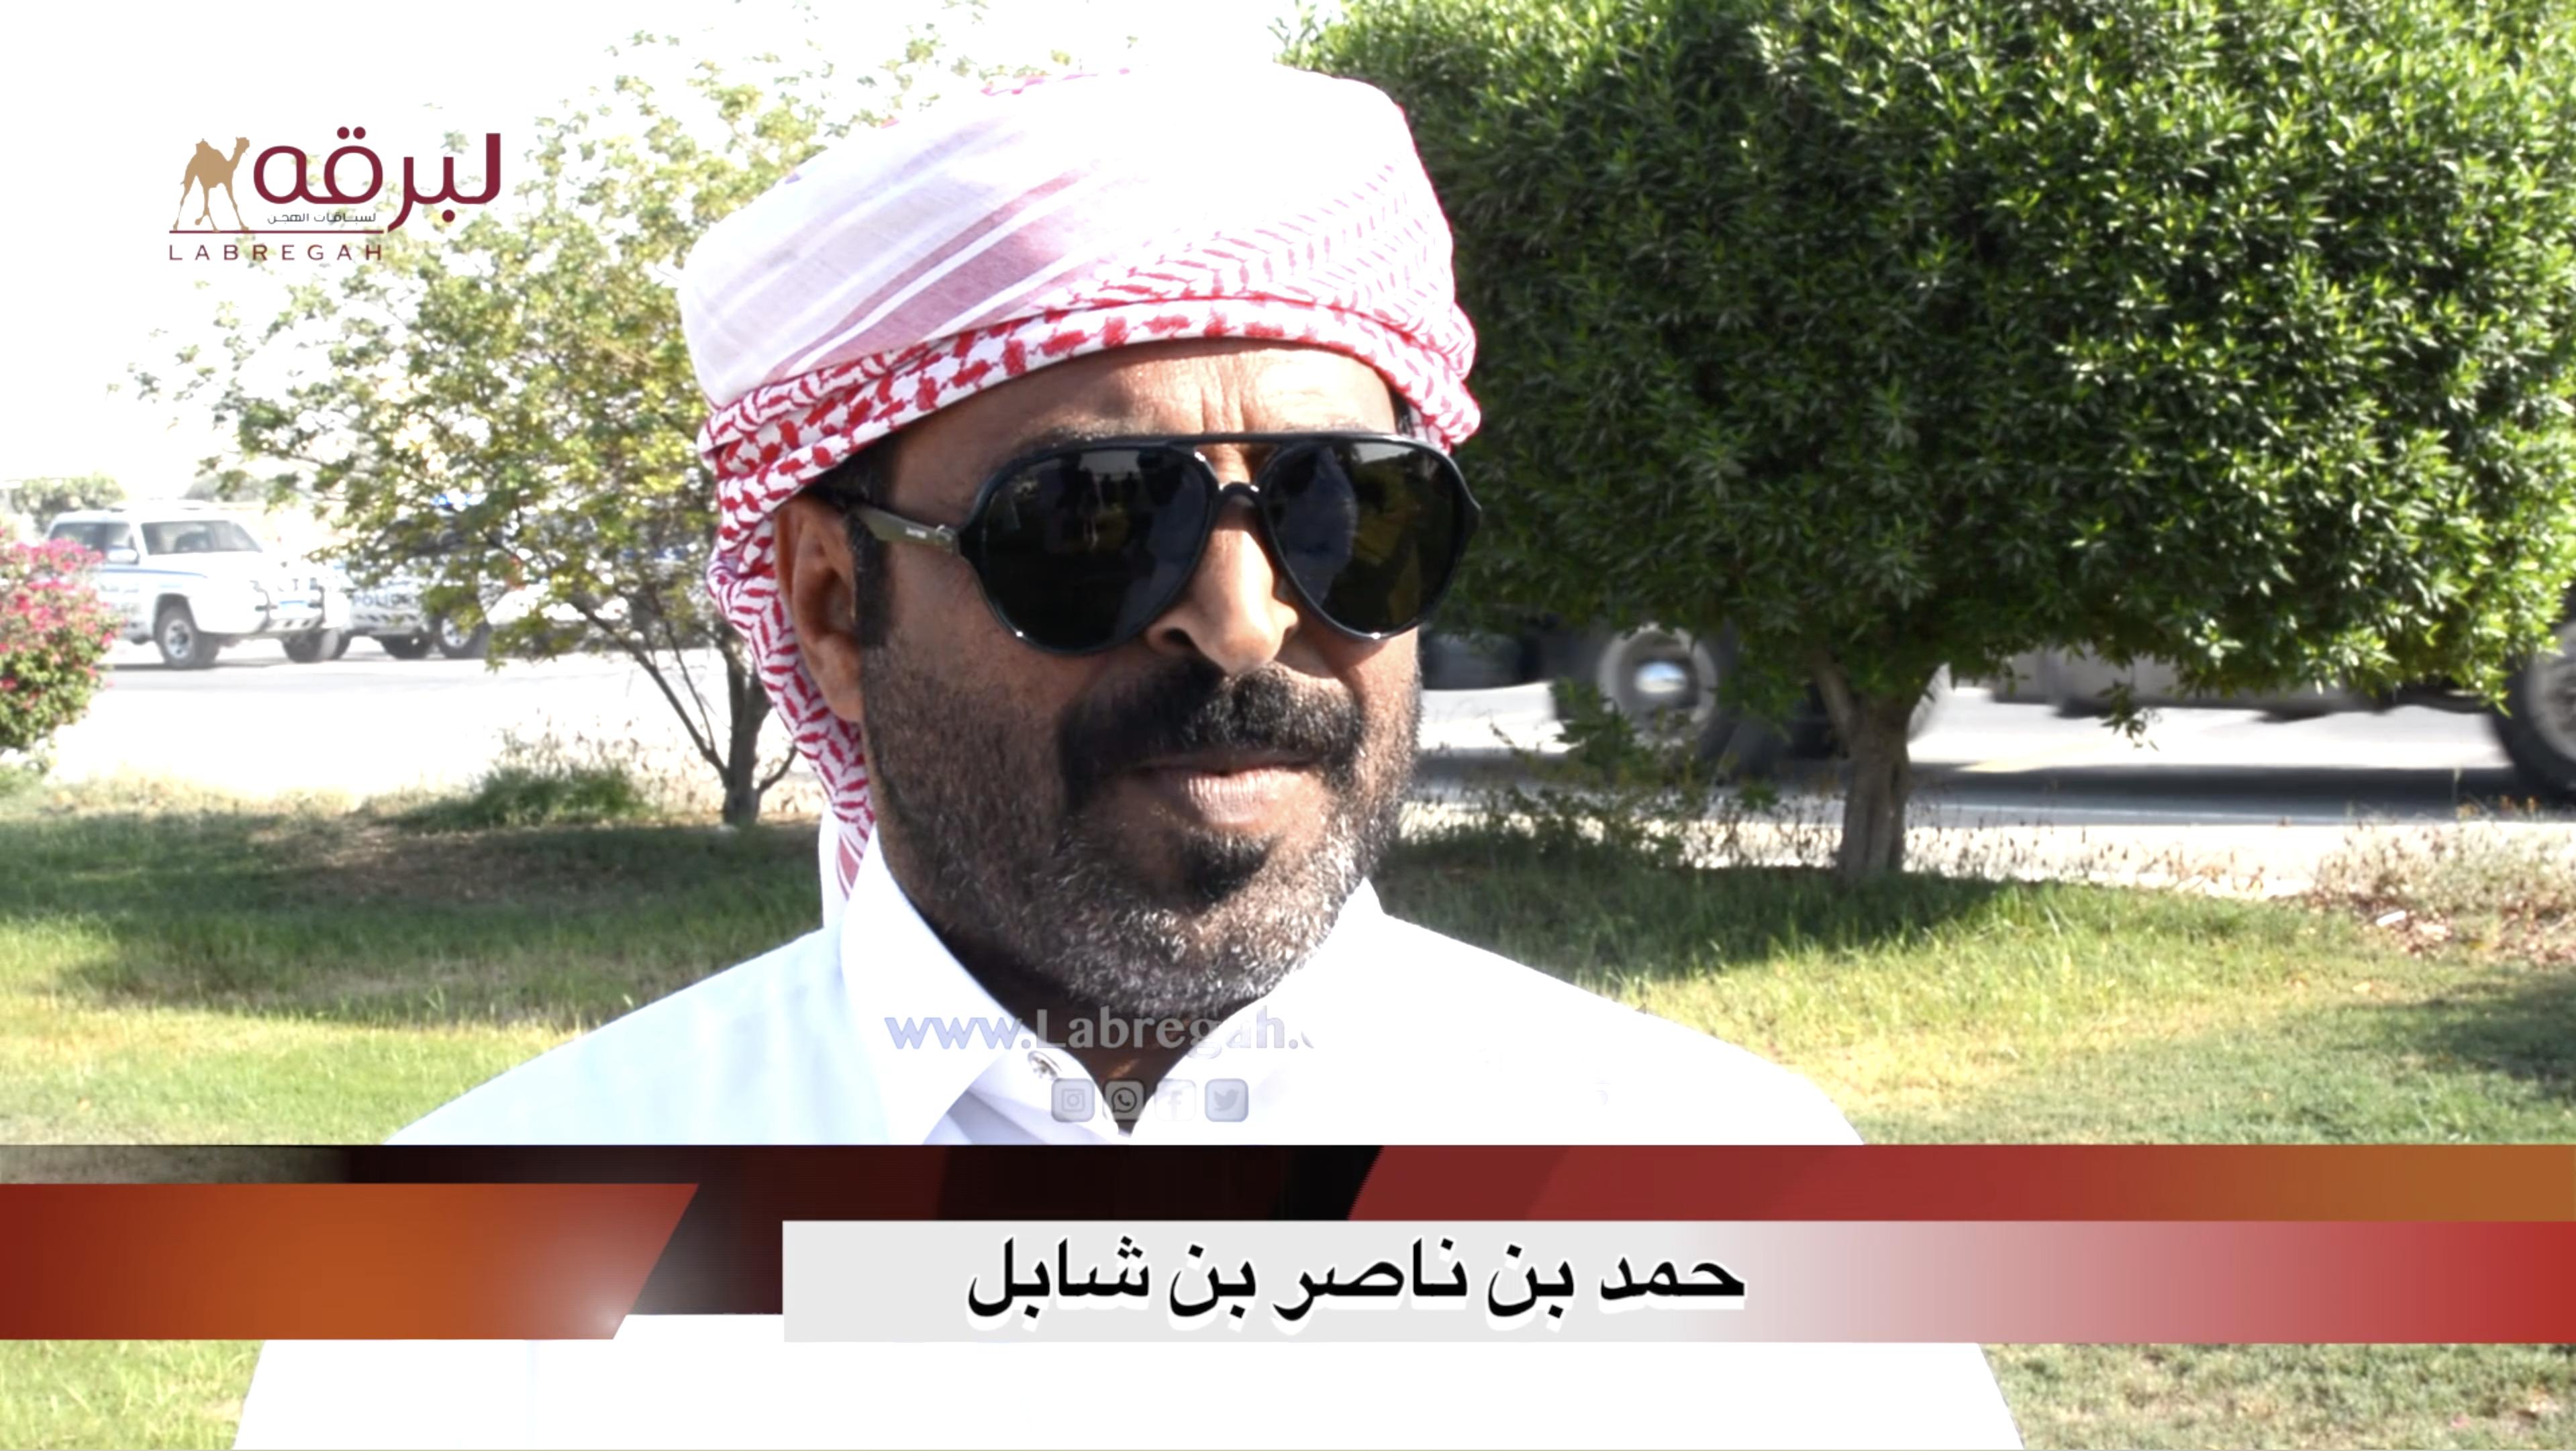 لقاء مع حمد بن ناصر بن شابل.. الشوط الرئيسي للحقايق بكار إنتاج صباح ١٩-٩-٢٠٢٠